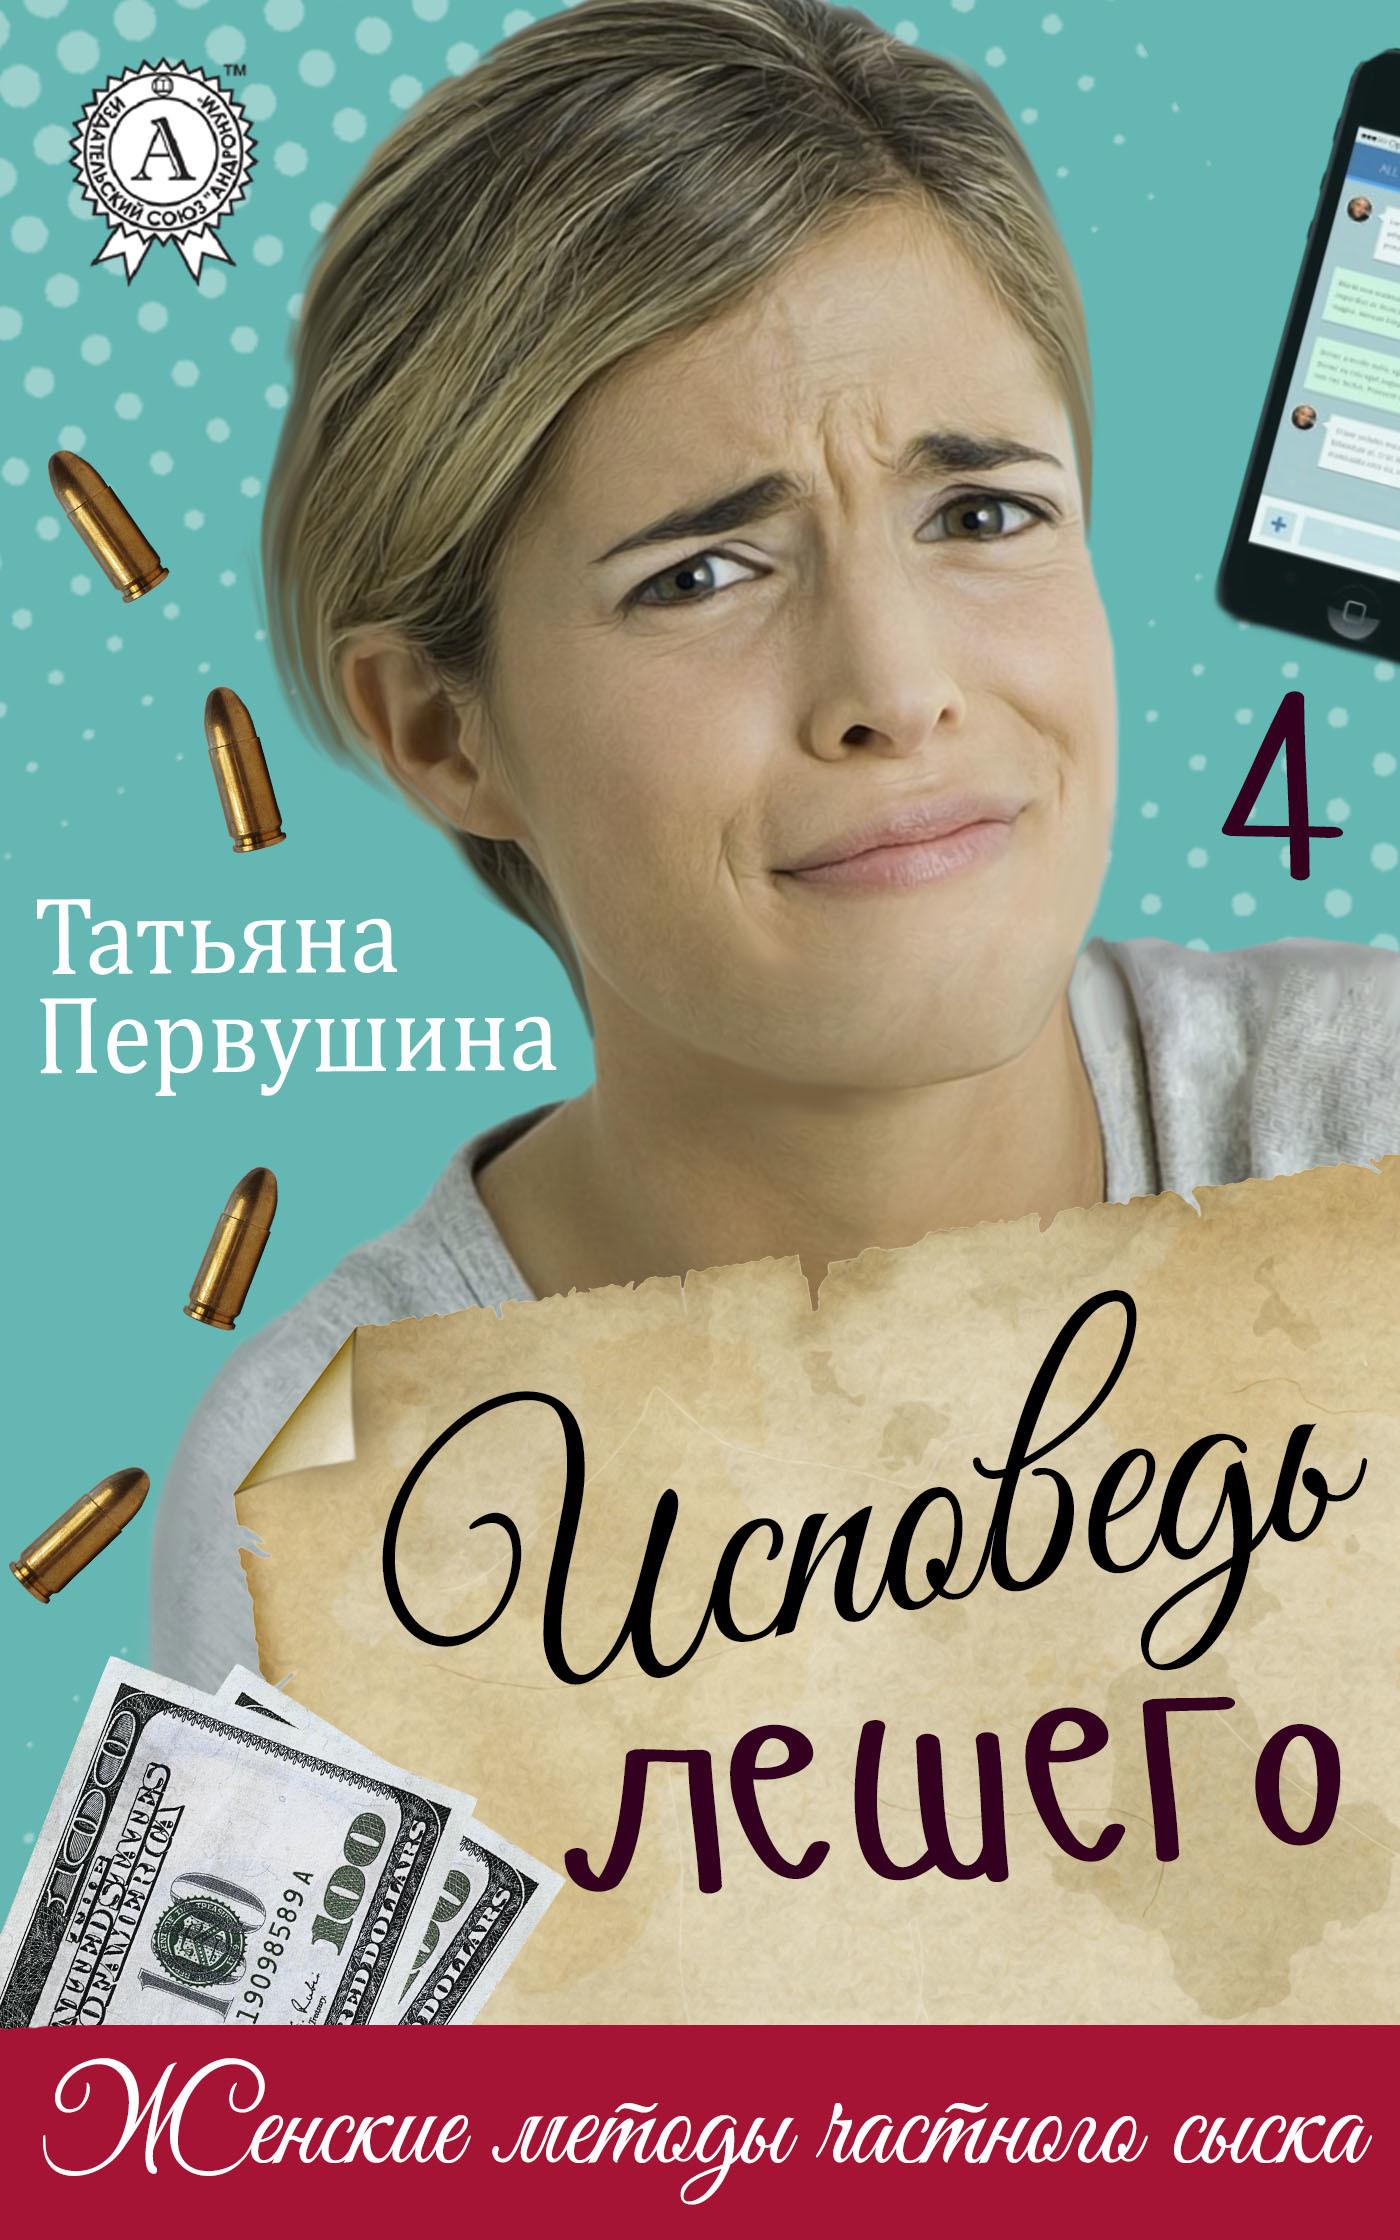 Татьяна Первушина